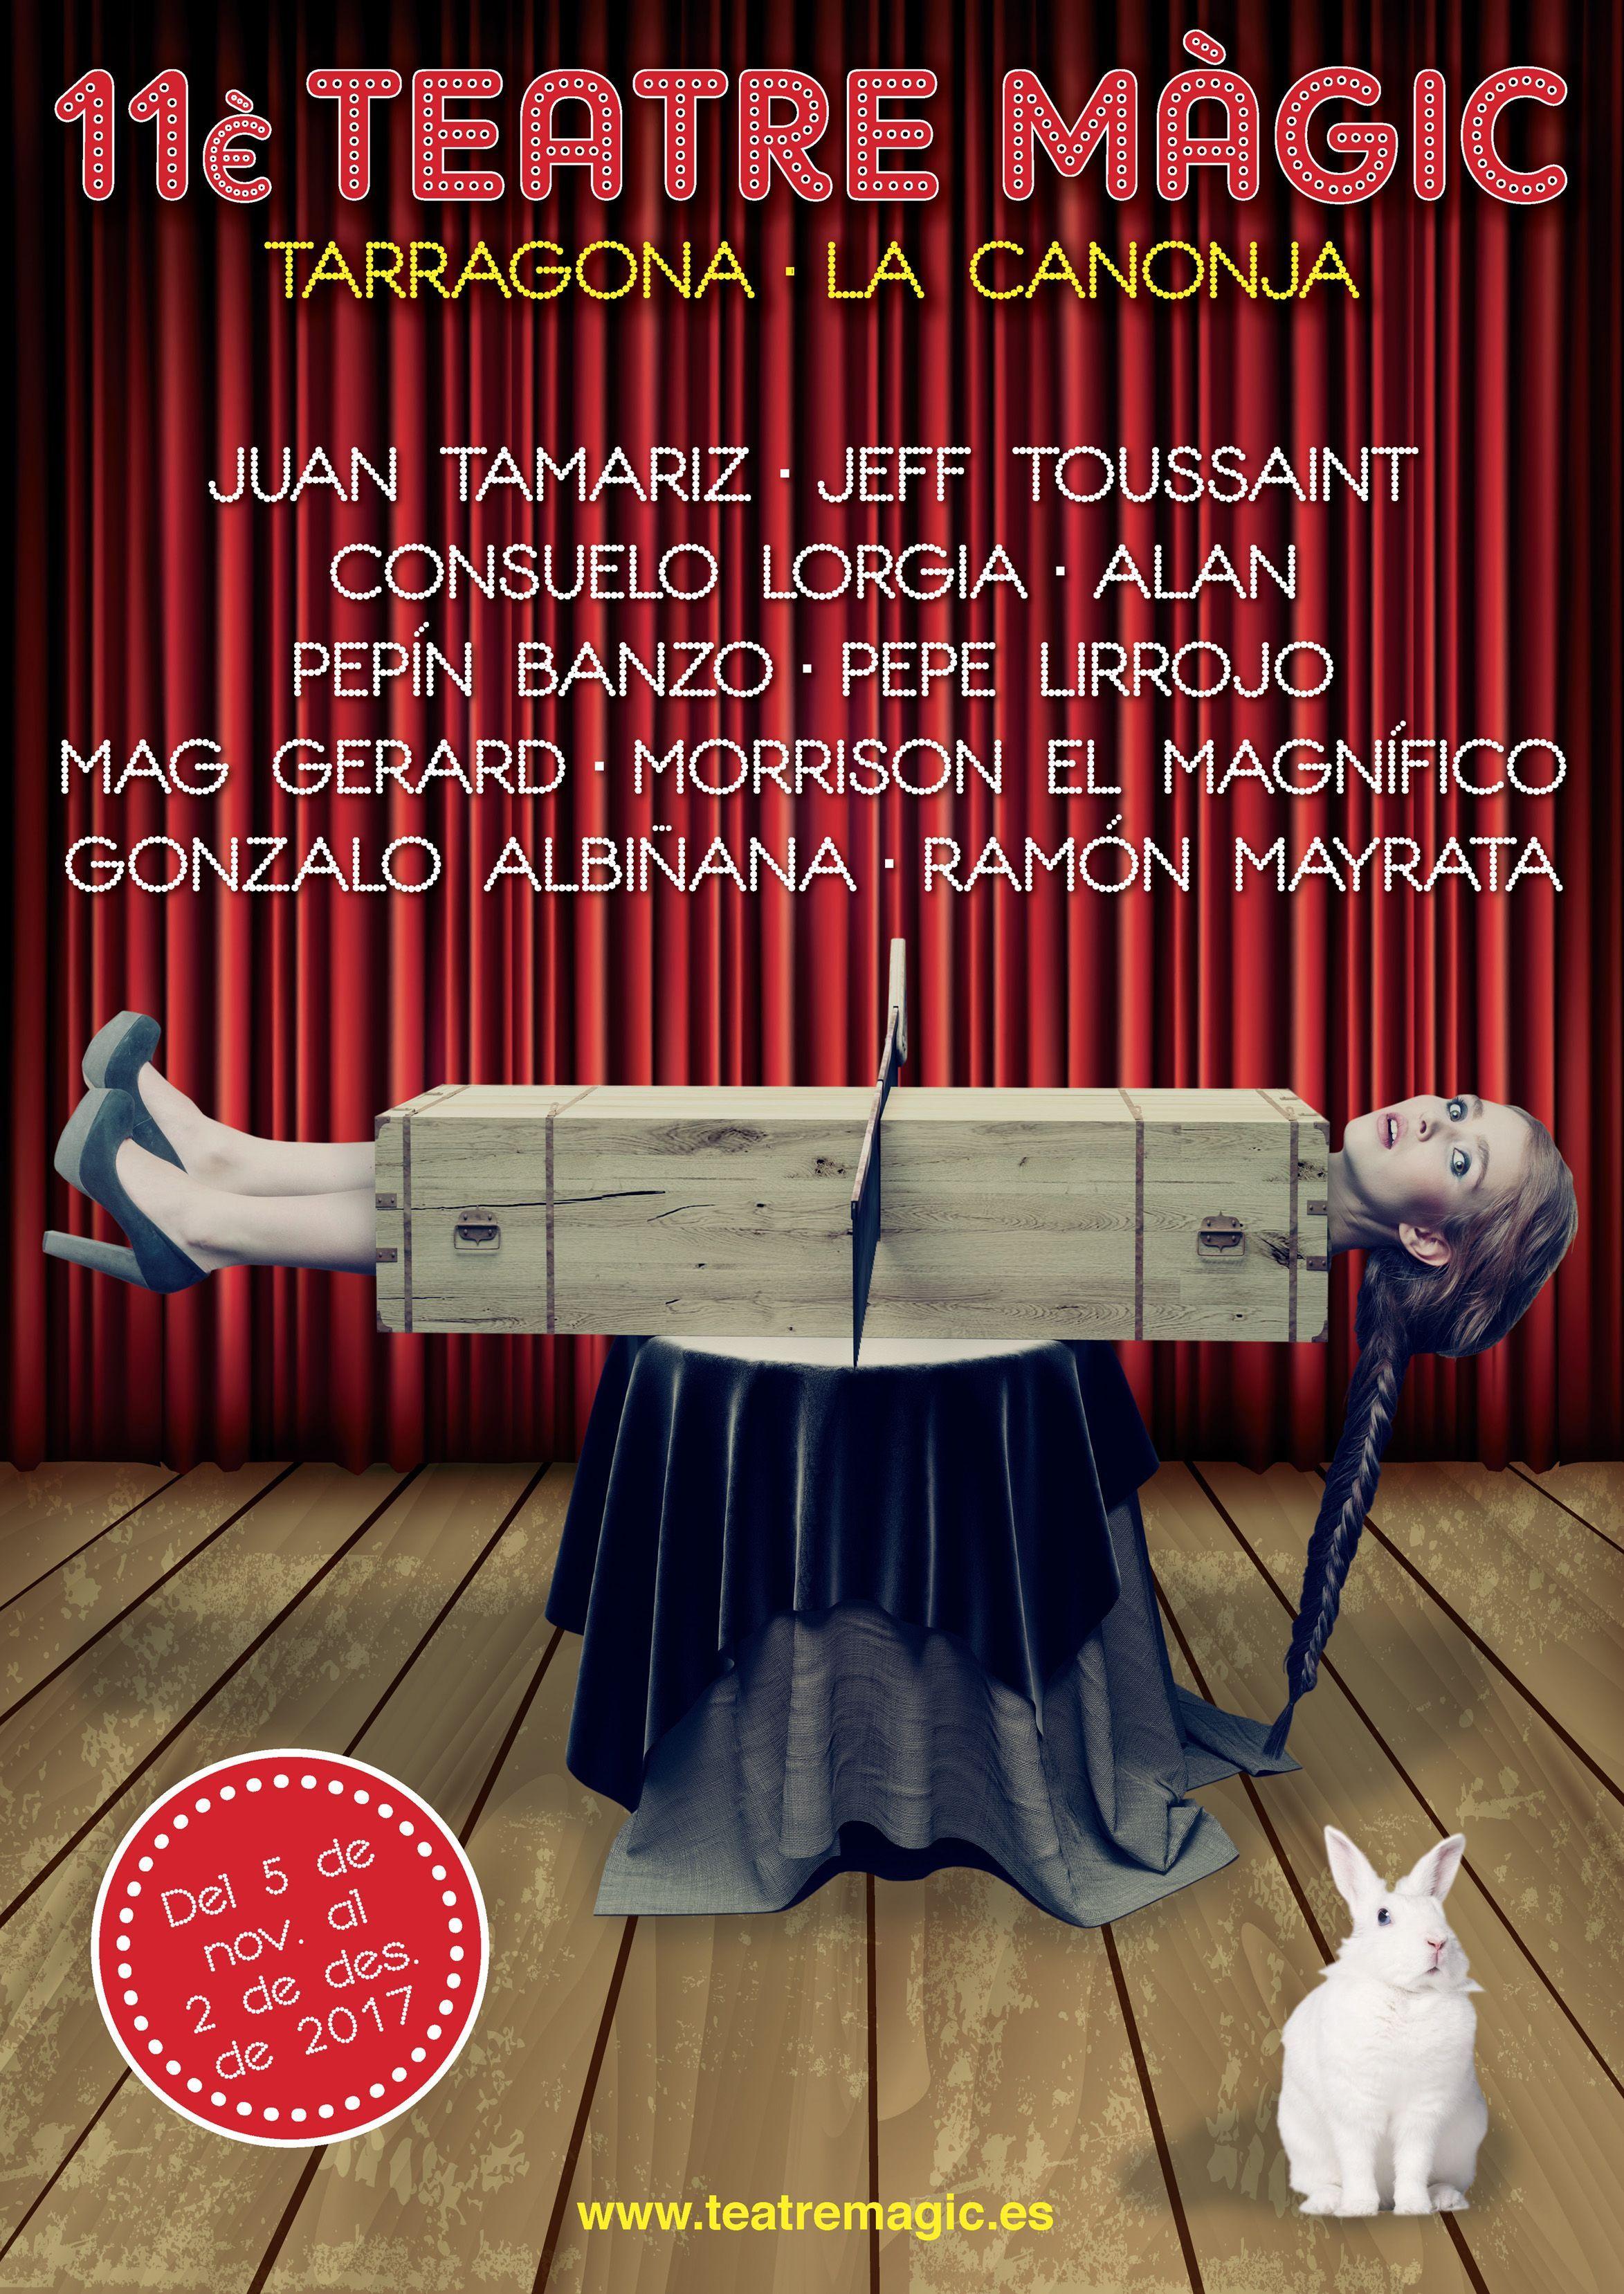 Teatre magic 2015: Festival de Màgia a Tarragona amb Anthony Blake, Mad Martin